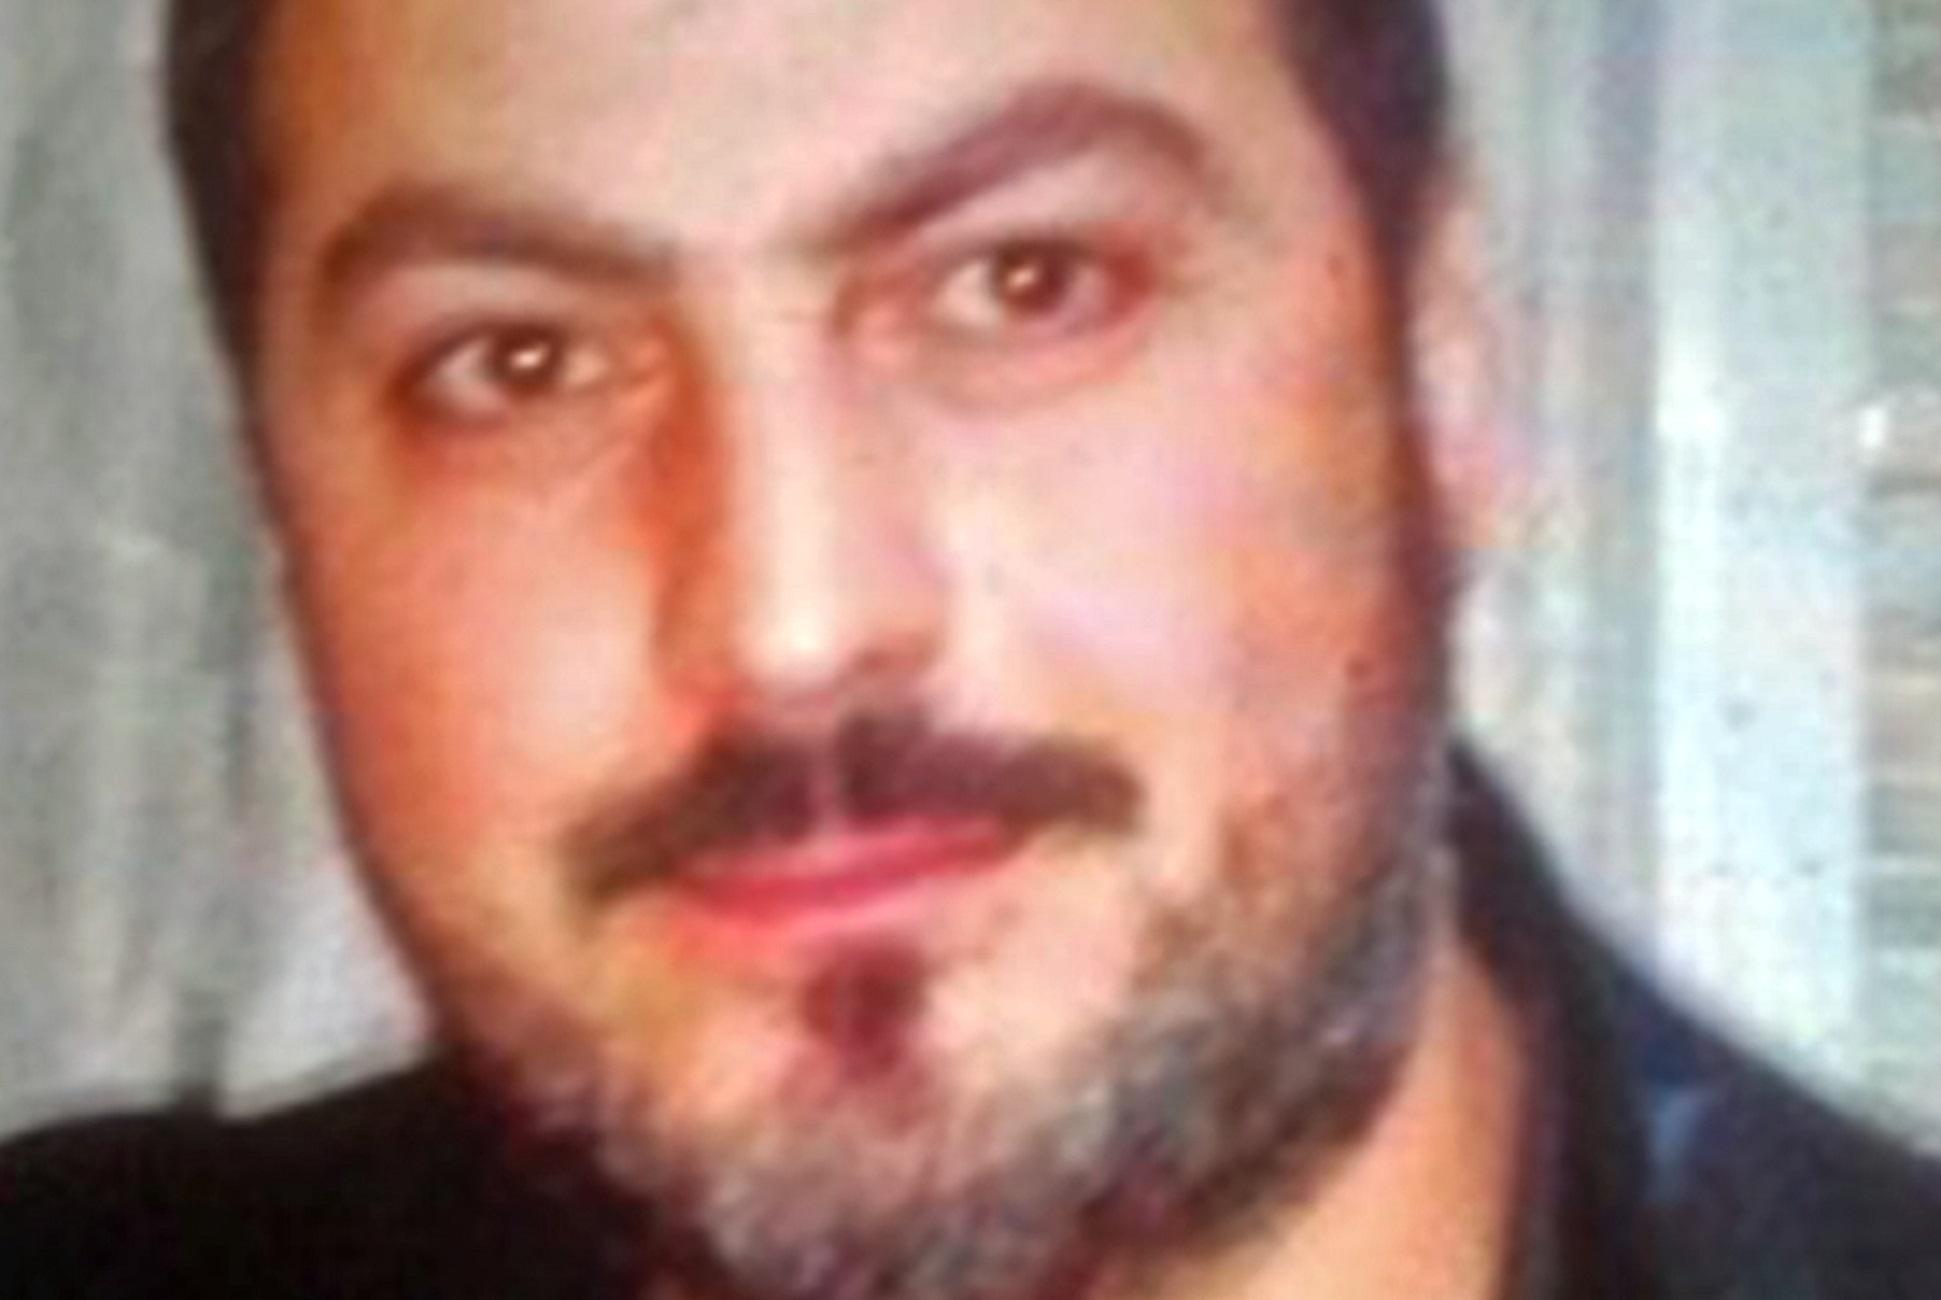 Σέρρες: Νέα στοιχεία για τη δολοφονία του Γιώργου Γρηγοριάδη – Το σατανικό σχέδιο που αποδίδεται σε μάνα και γιο (video)